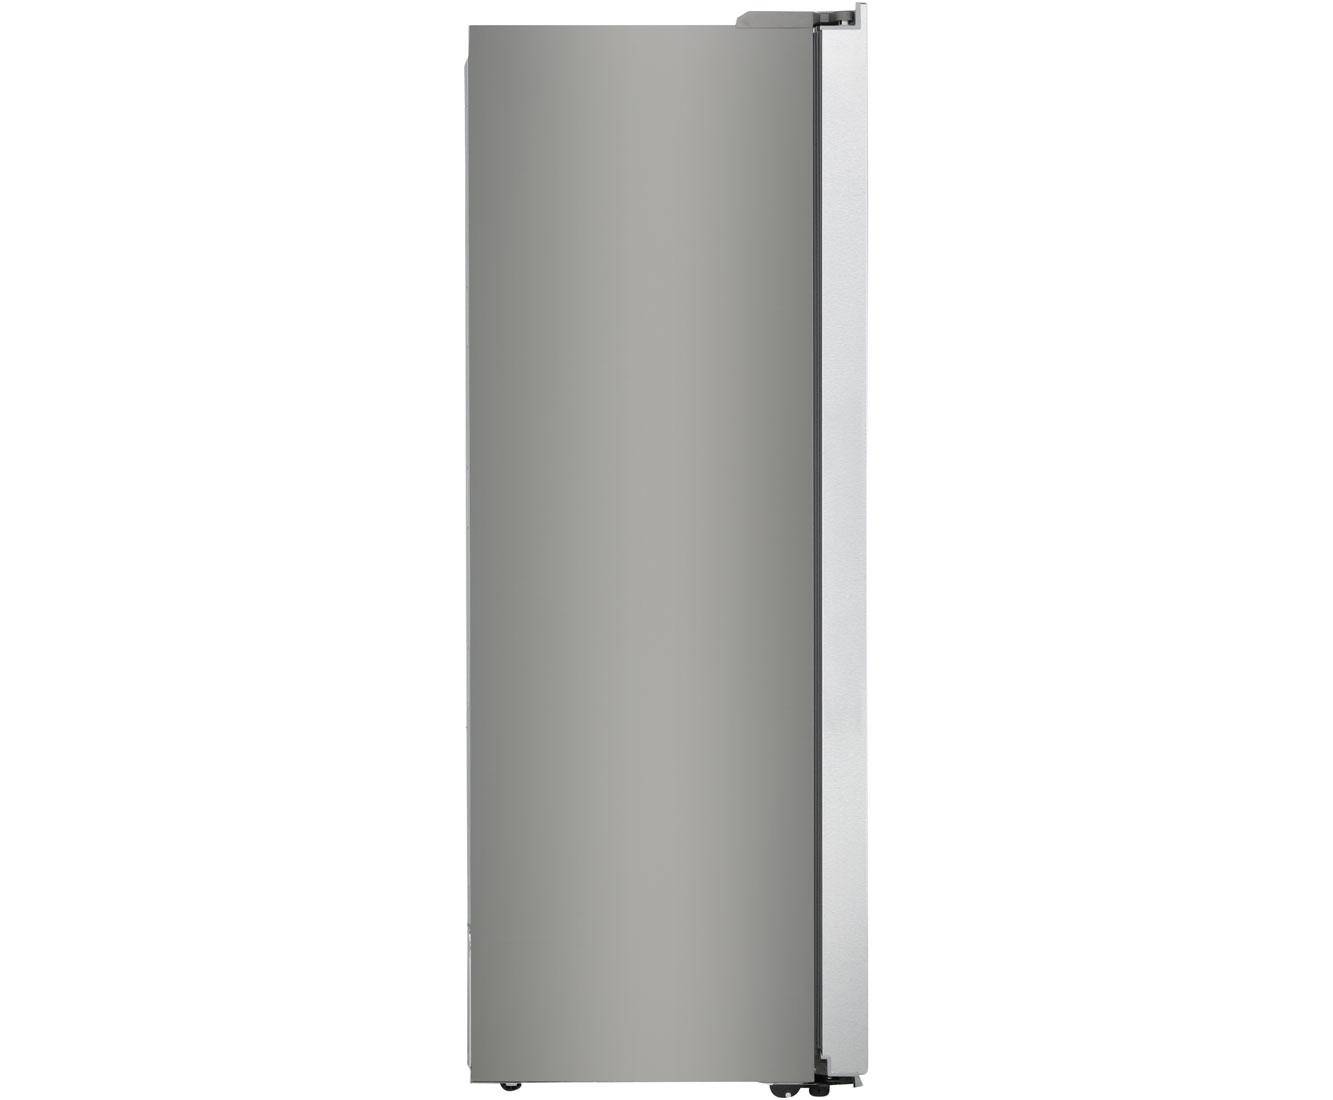 Amerikanischer Kühlschrank Idealo : Haier hrf ds amerikanischer side by side l edelstahl